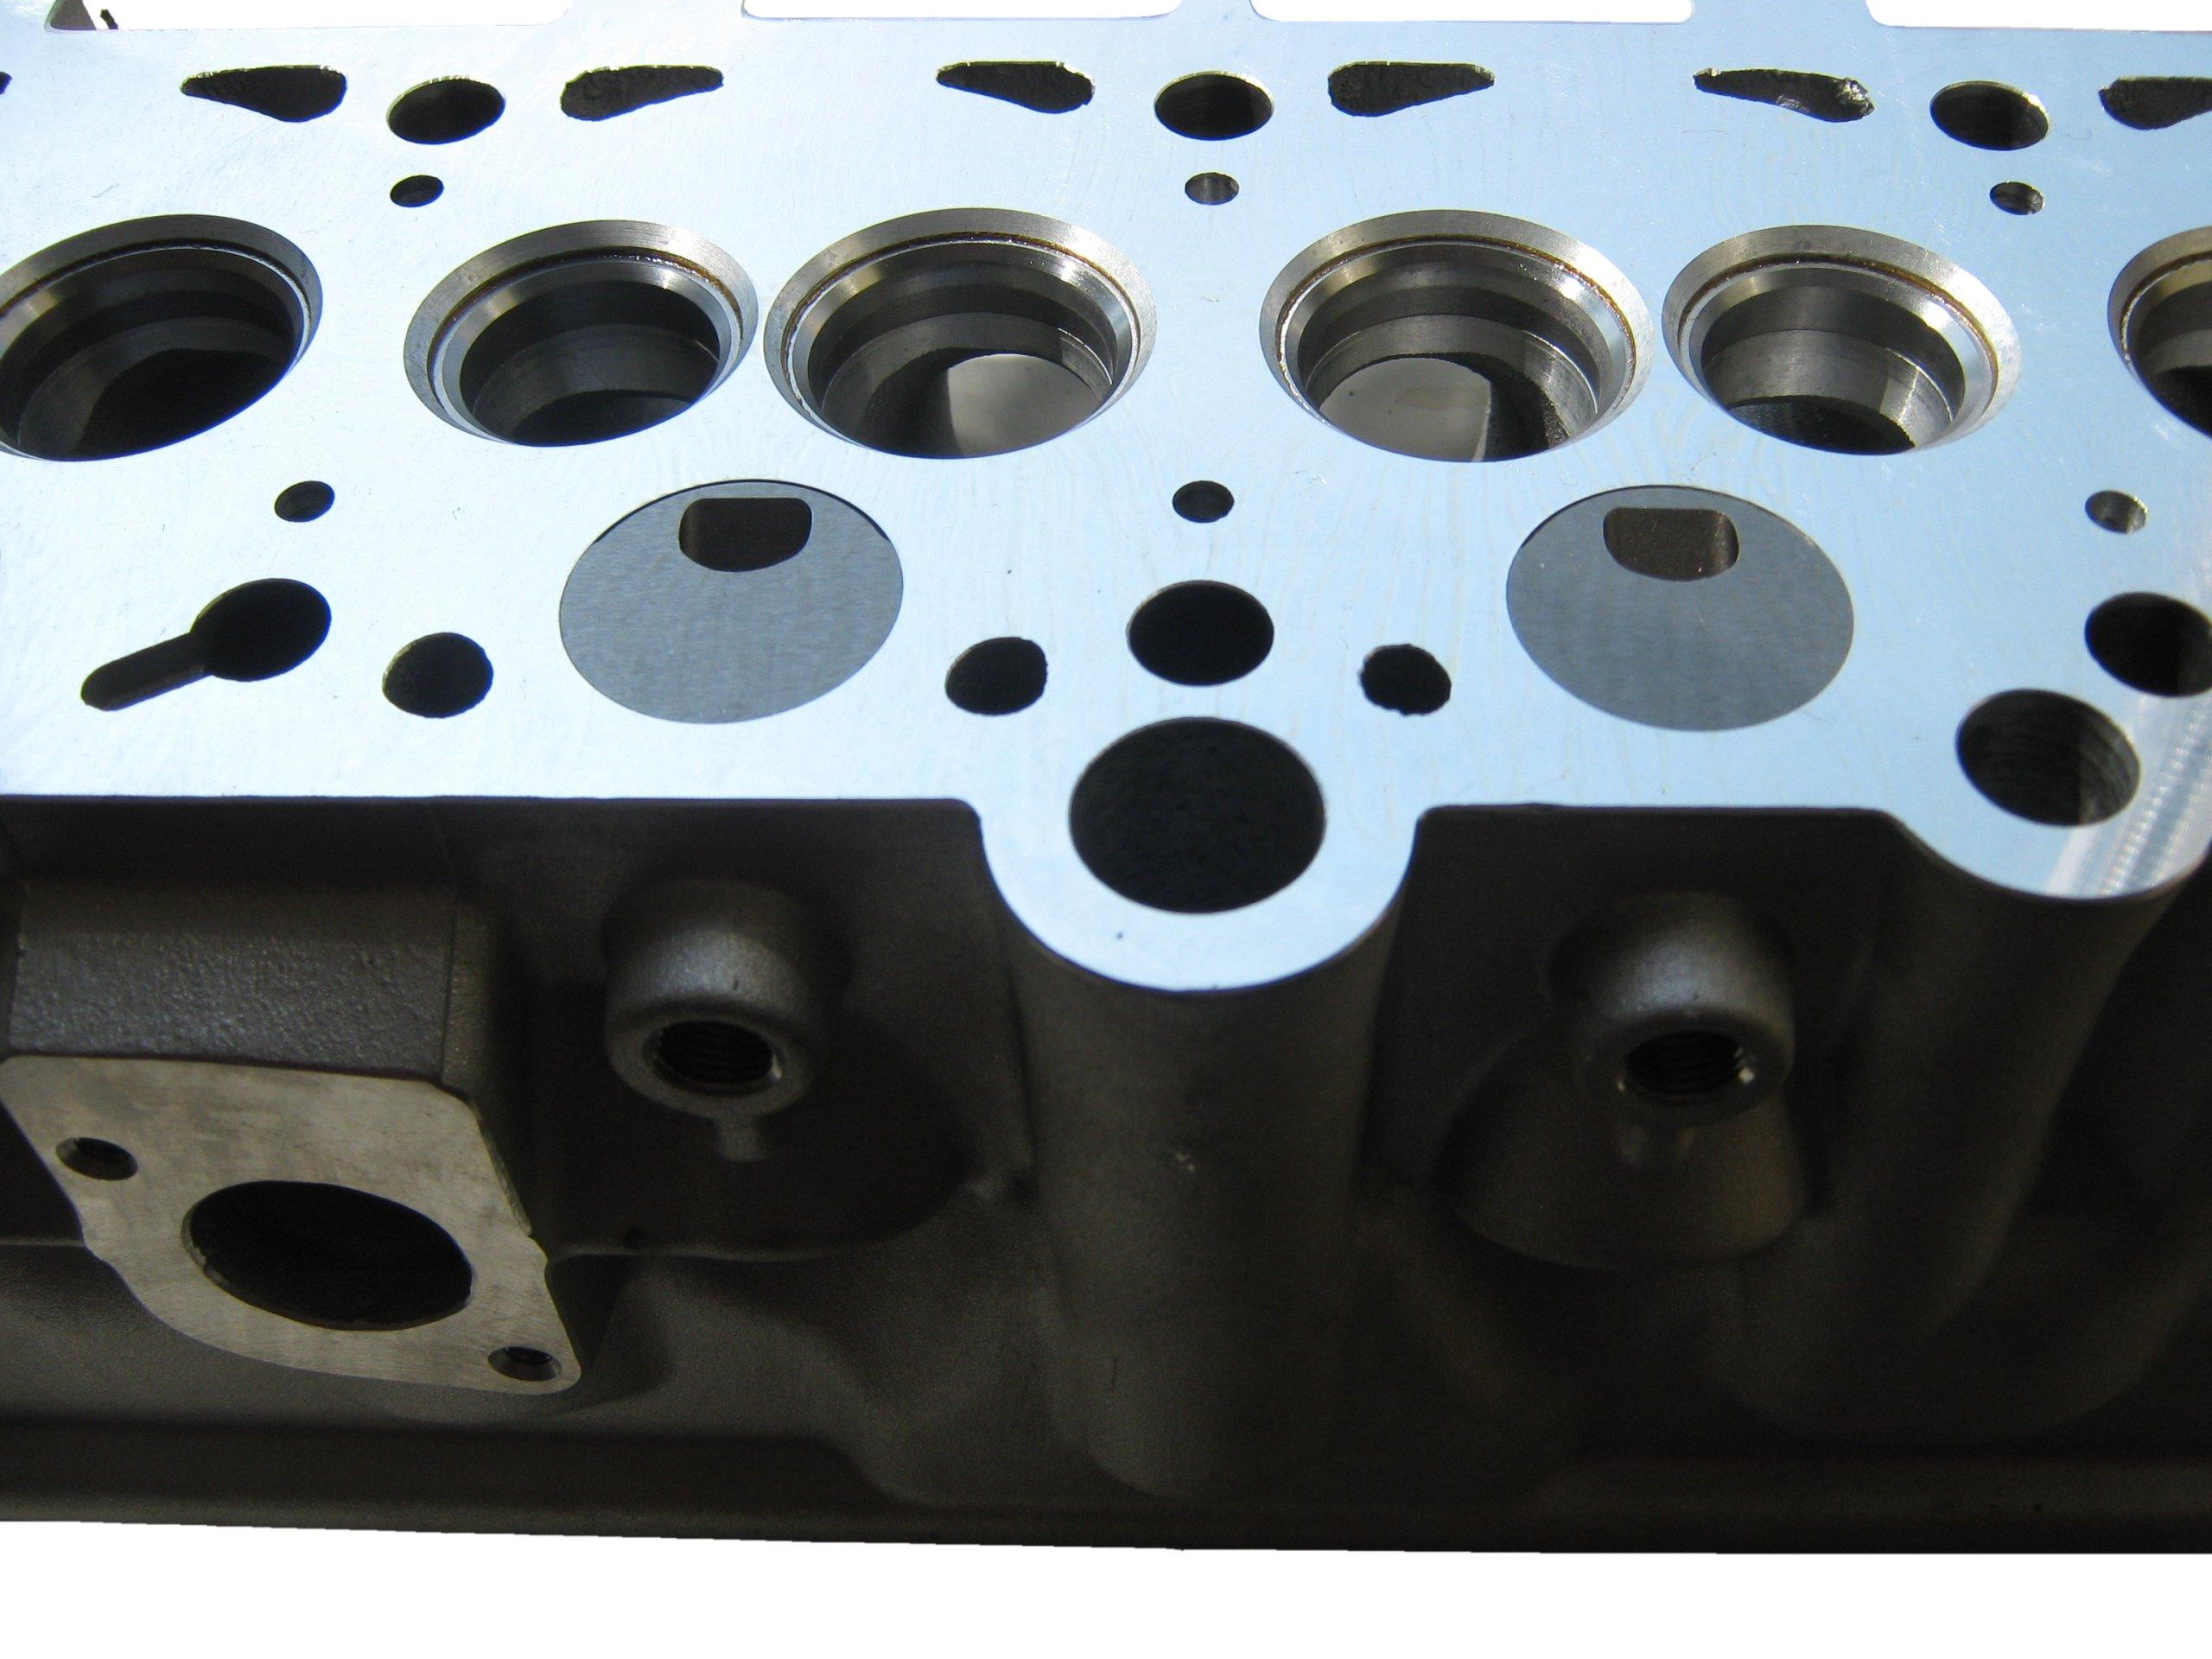 новая головка клапаны vw audi 20 tdi 16v 140 км bkd